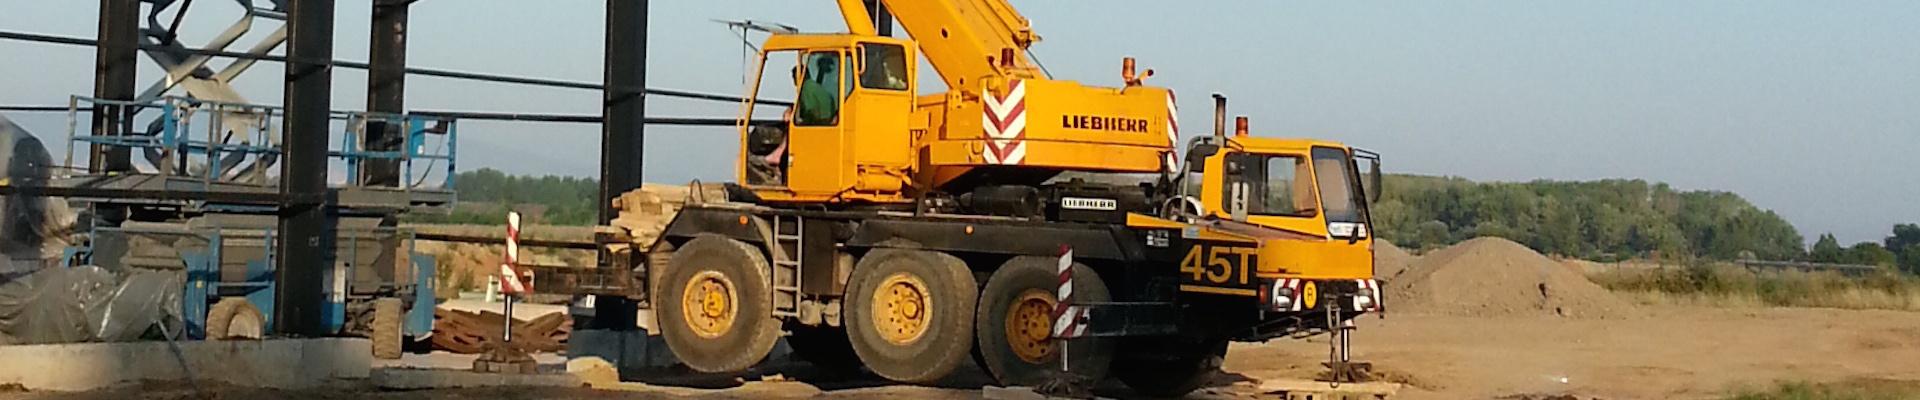 Автокран LIEBHERR модел LTM 1040-3 (детайл)